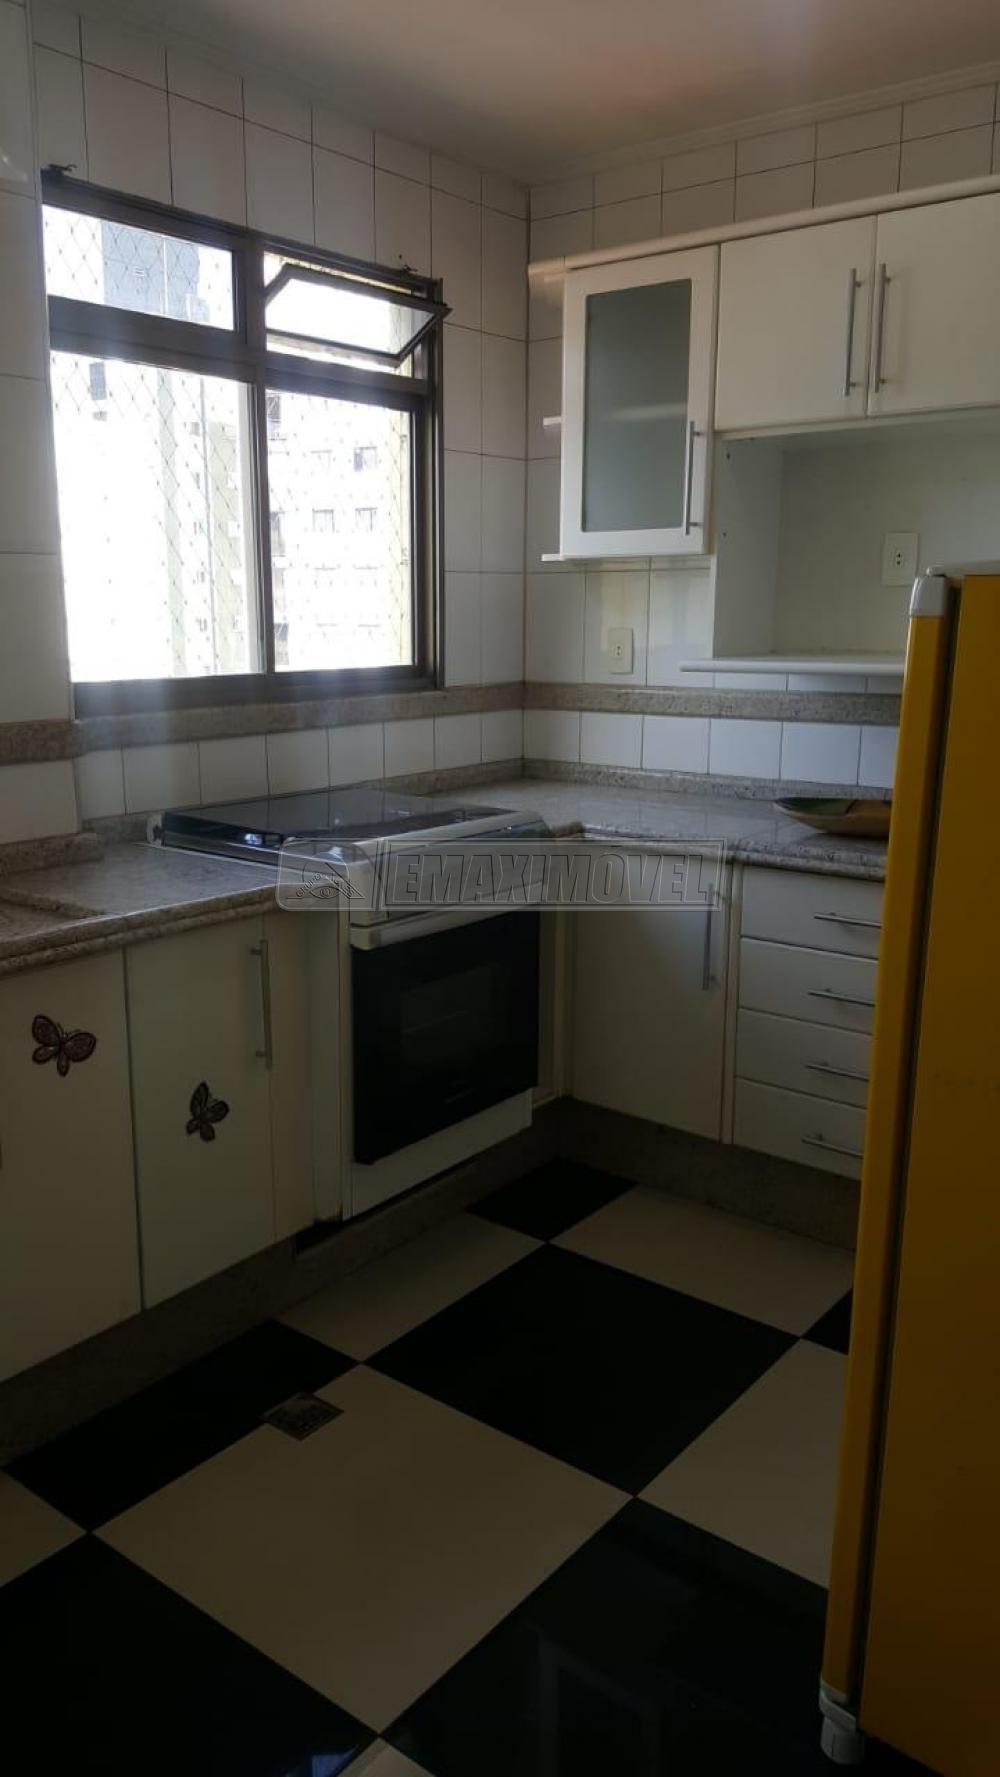 Alugar Apartamentos / Apto Padrão em Sorocaba apenas R$ 4.000,00 - Foto 11